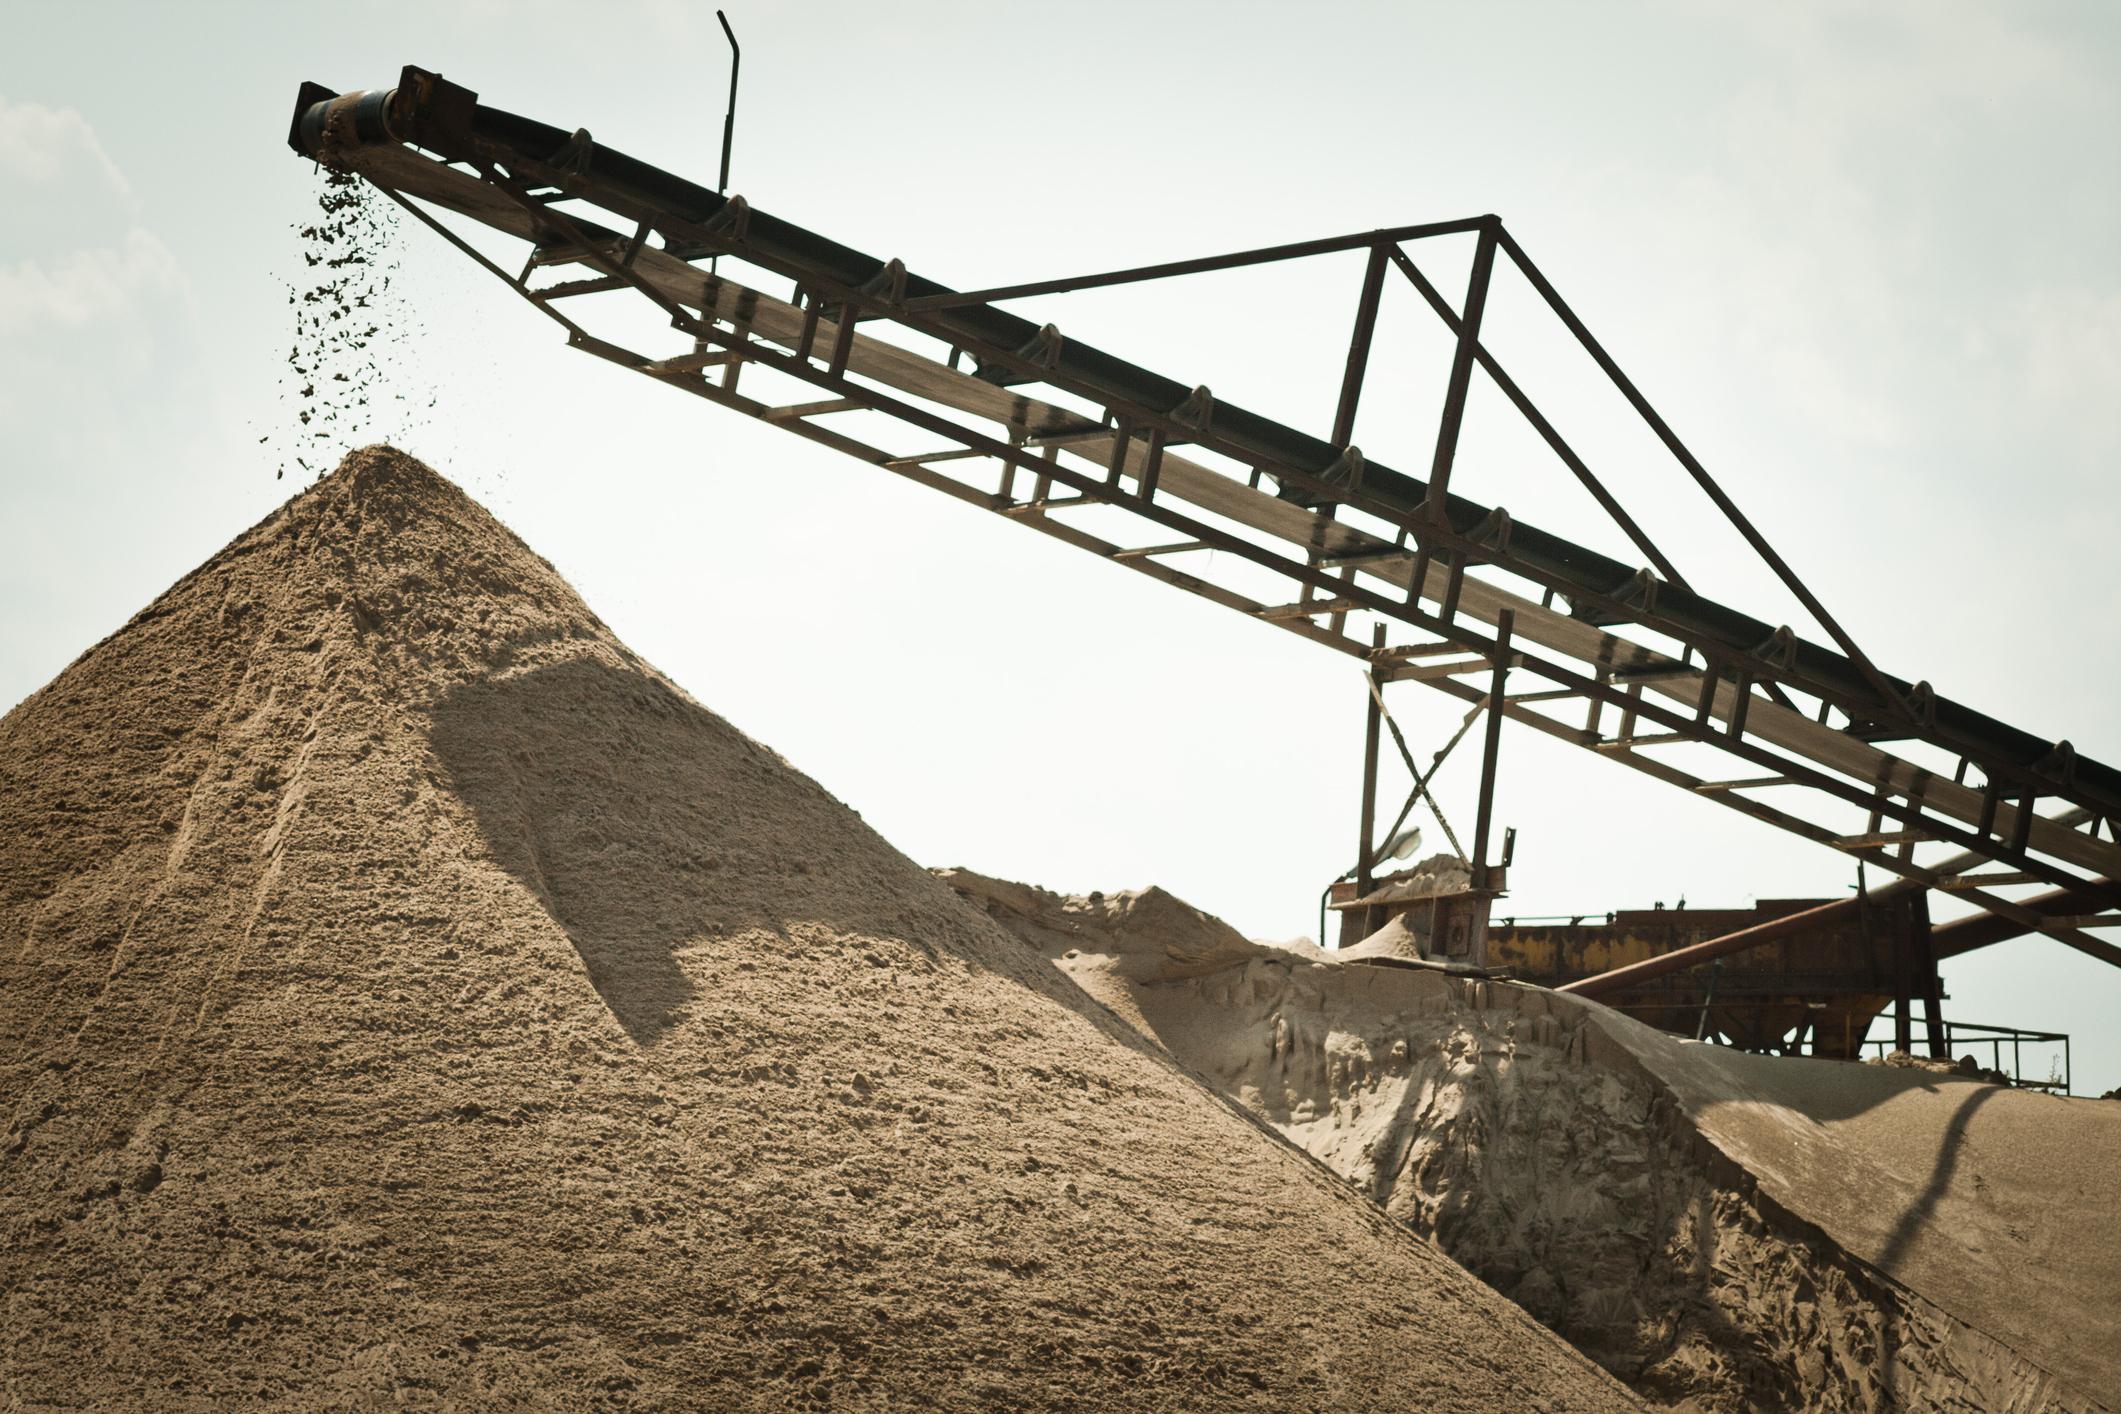 A sand mine.